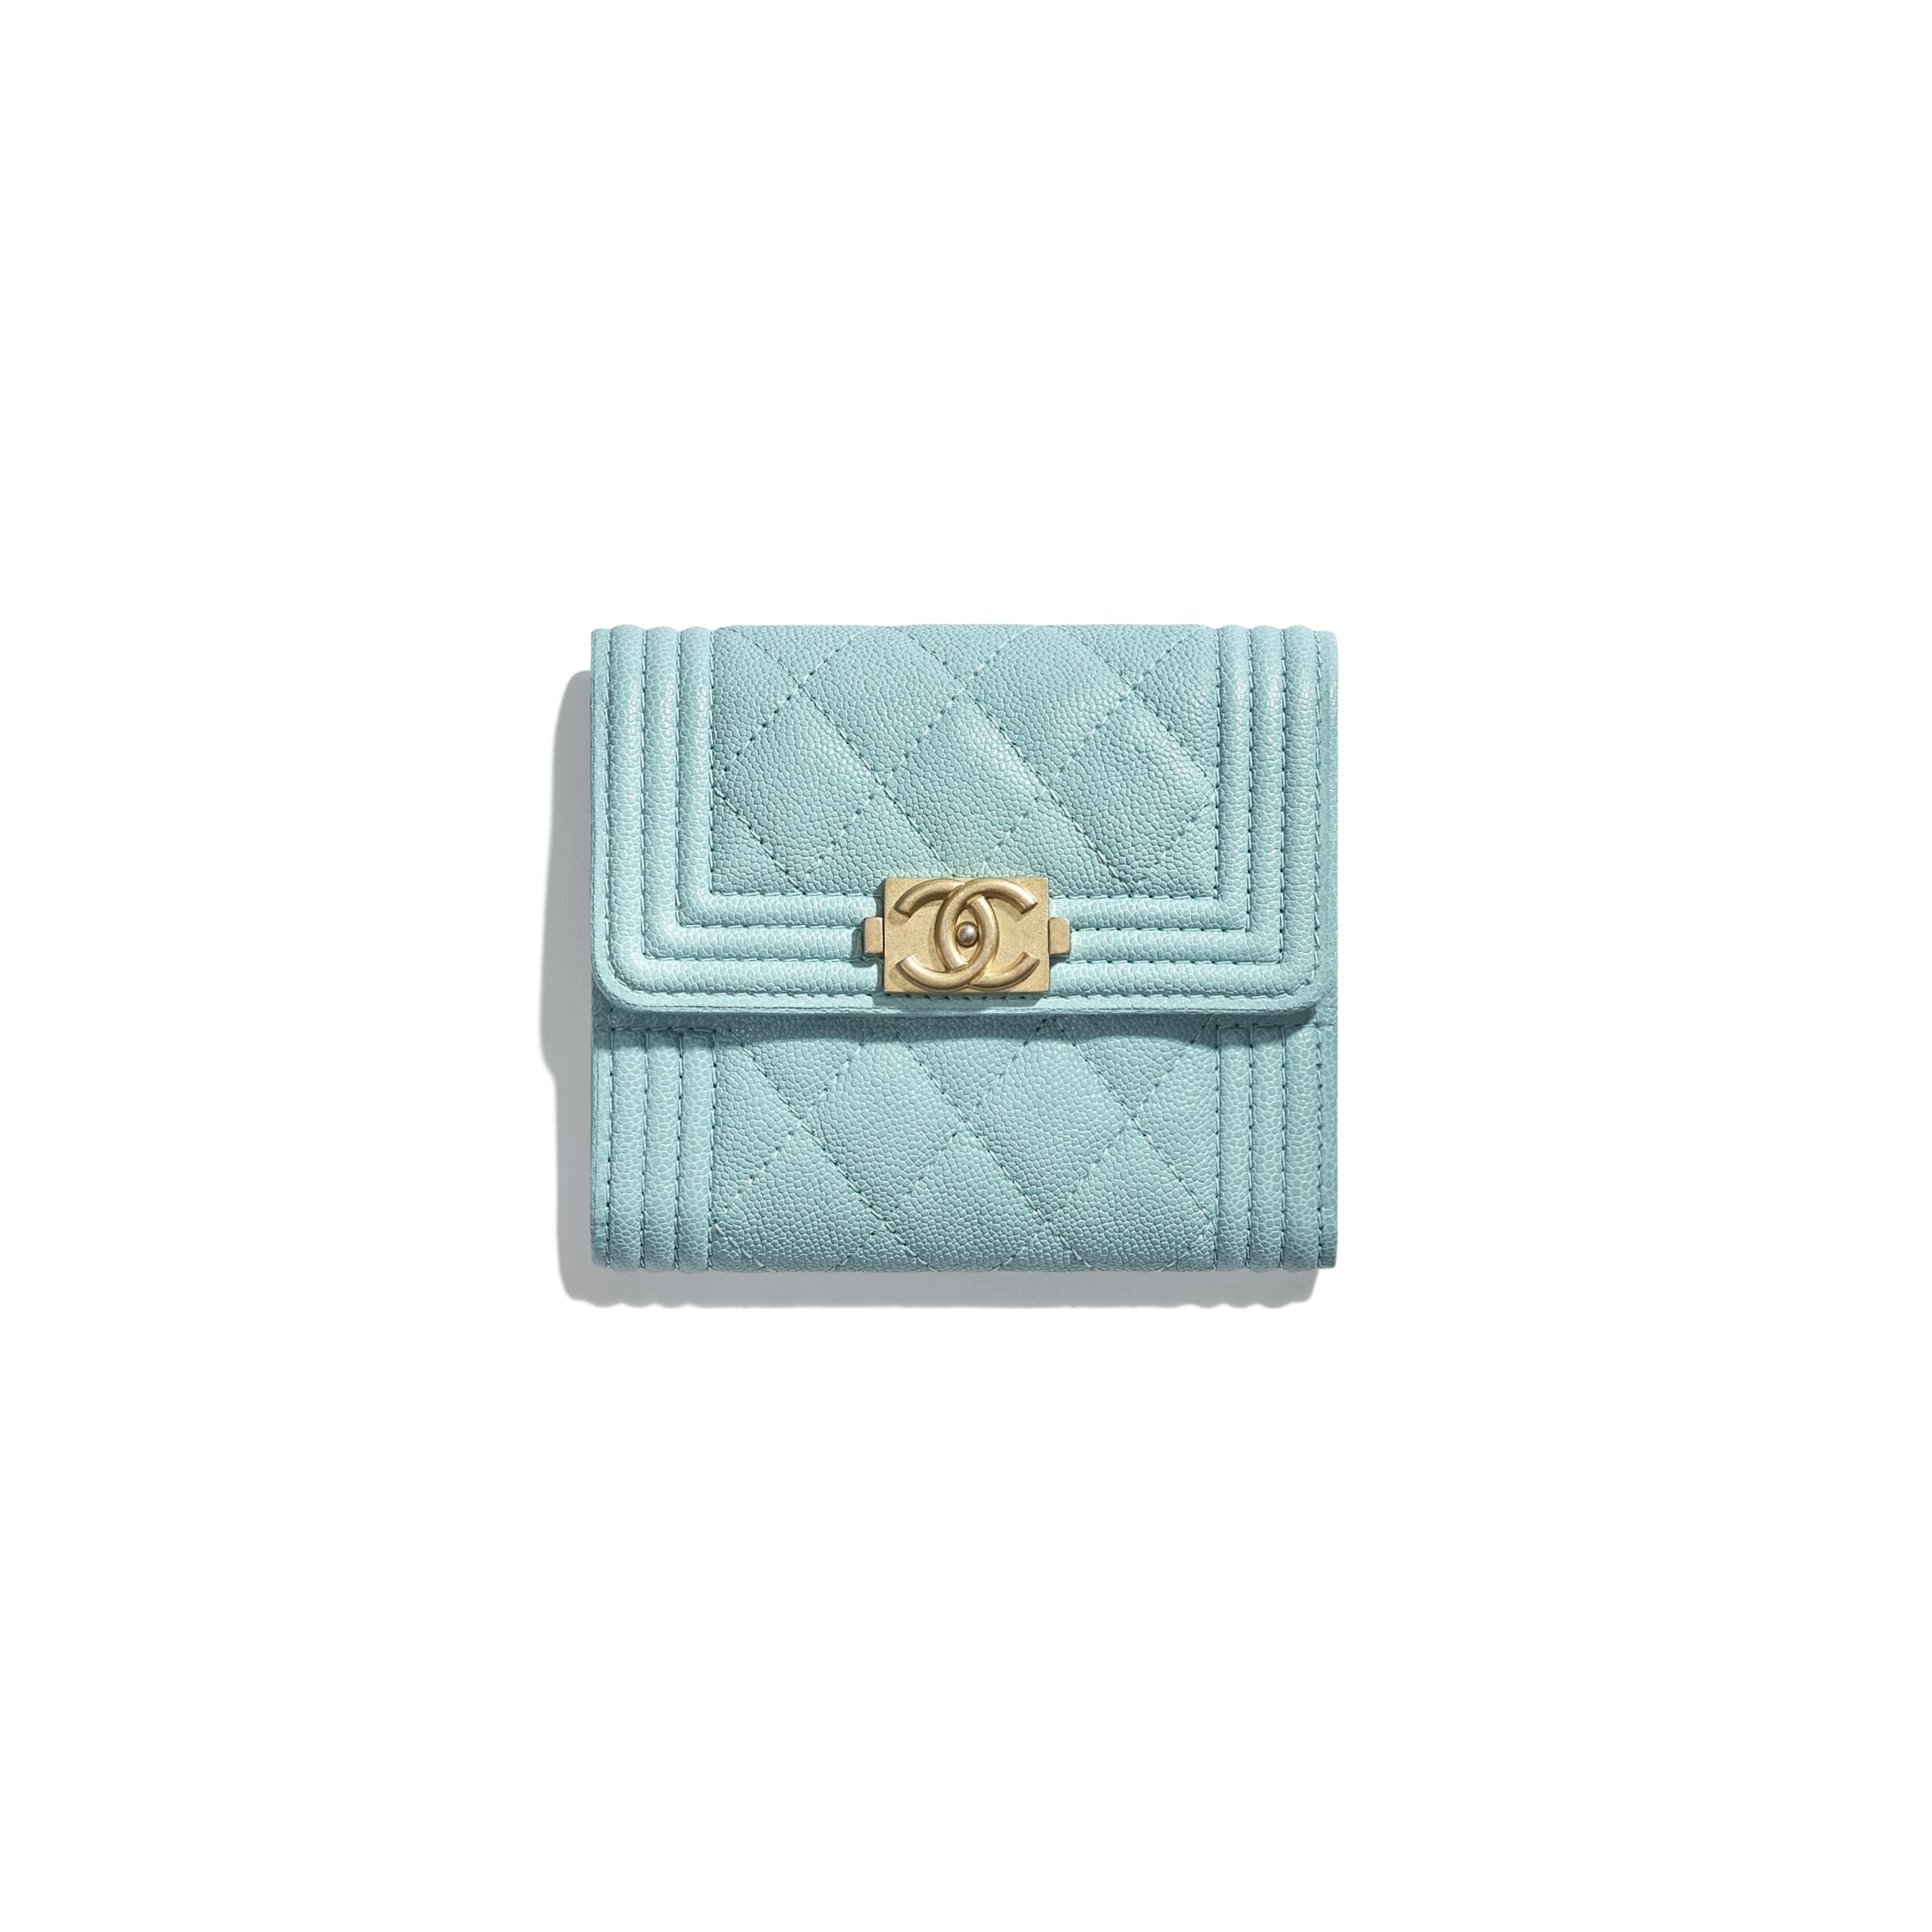 e3e2bb1d9093 ... BOY CHANEL Small Flap Wallet - Light Blue - Grained Calfskin   Gold-Tone  Metal